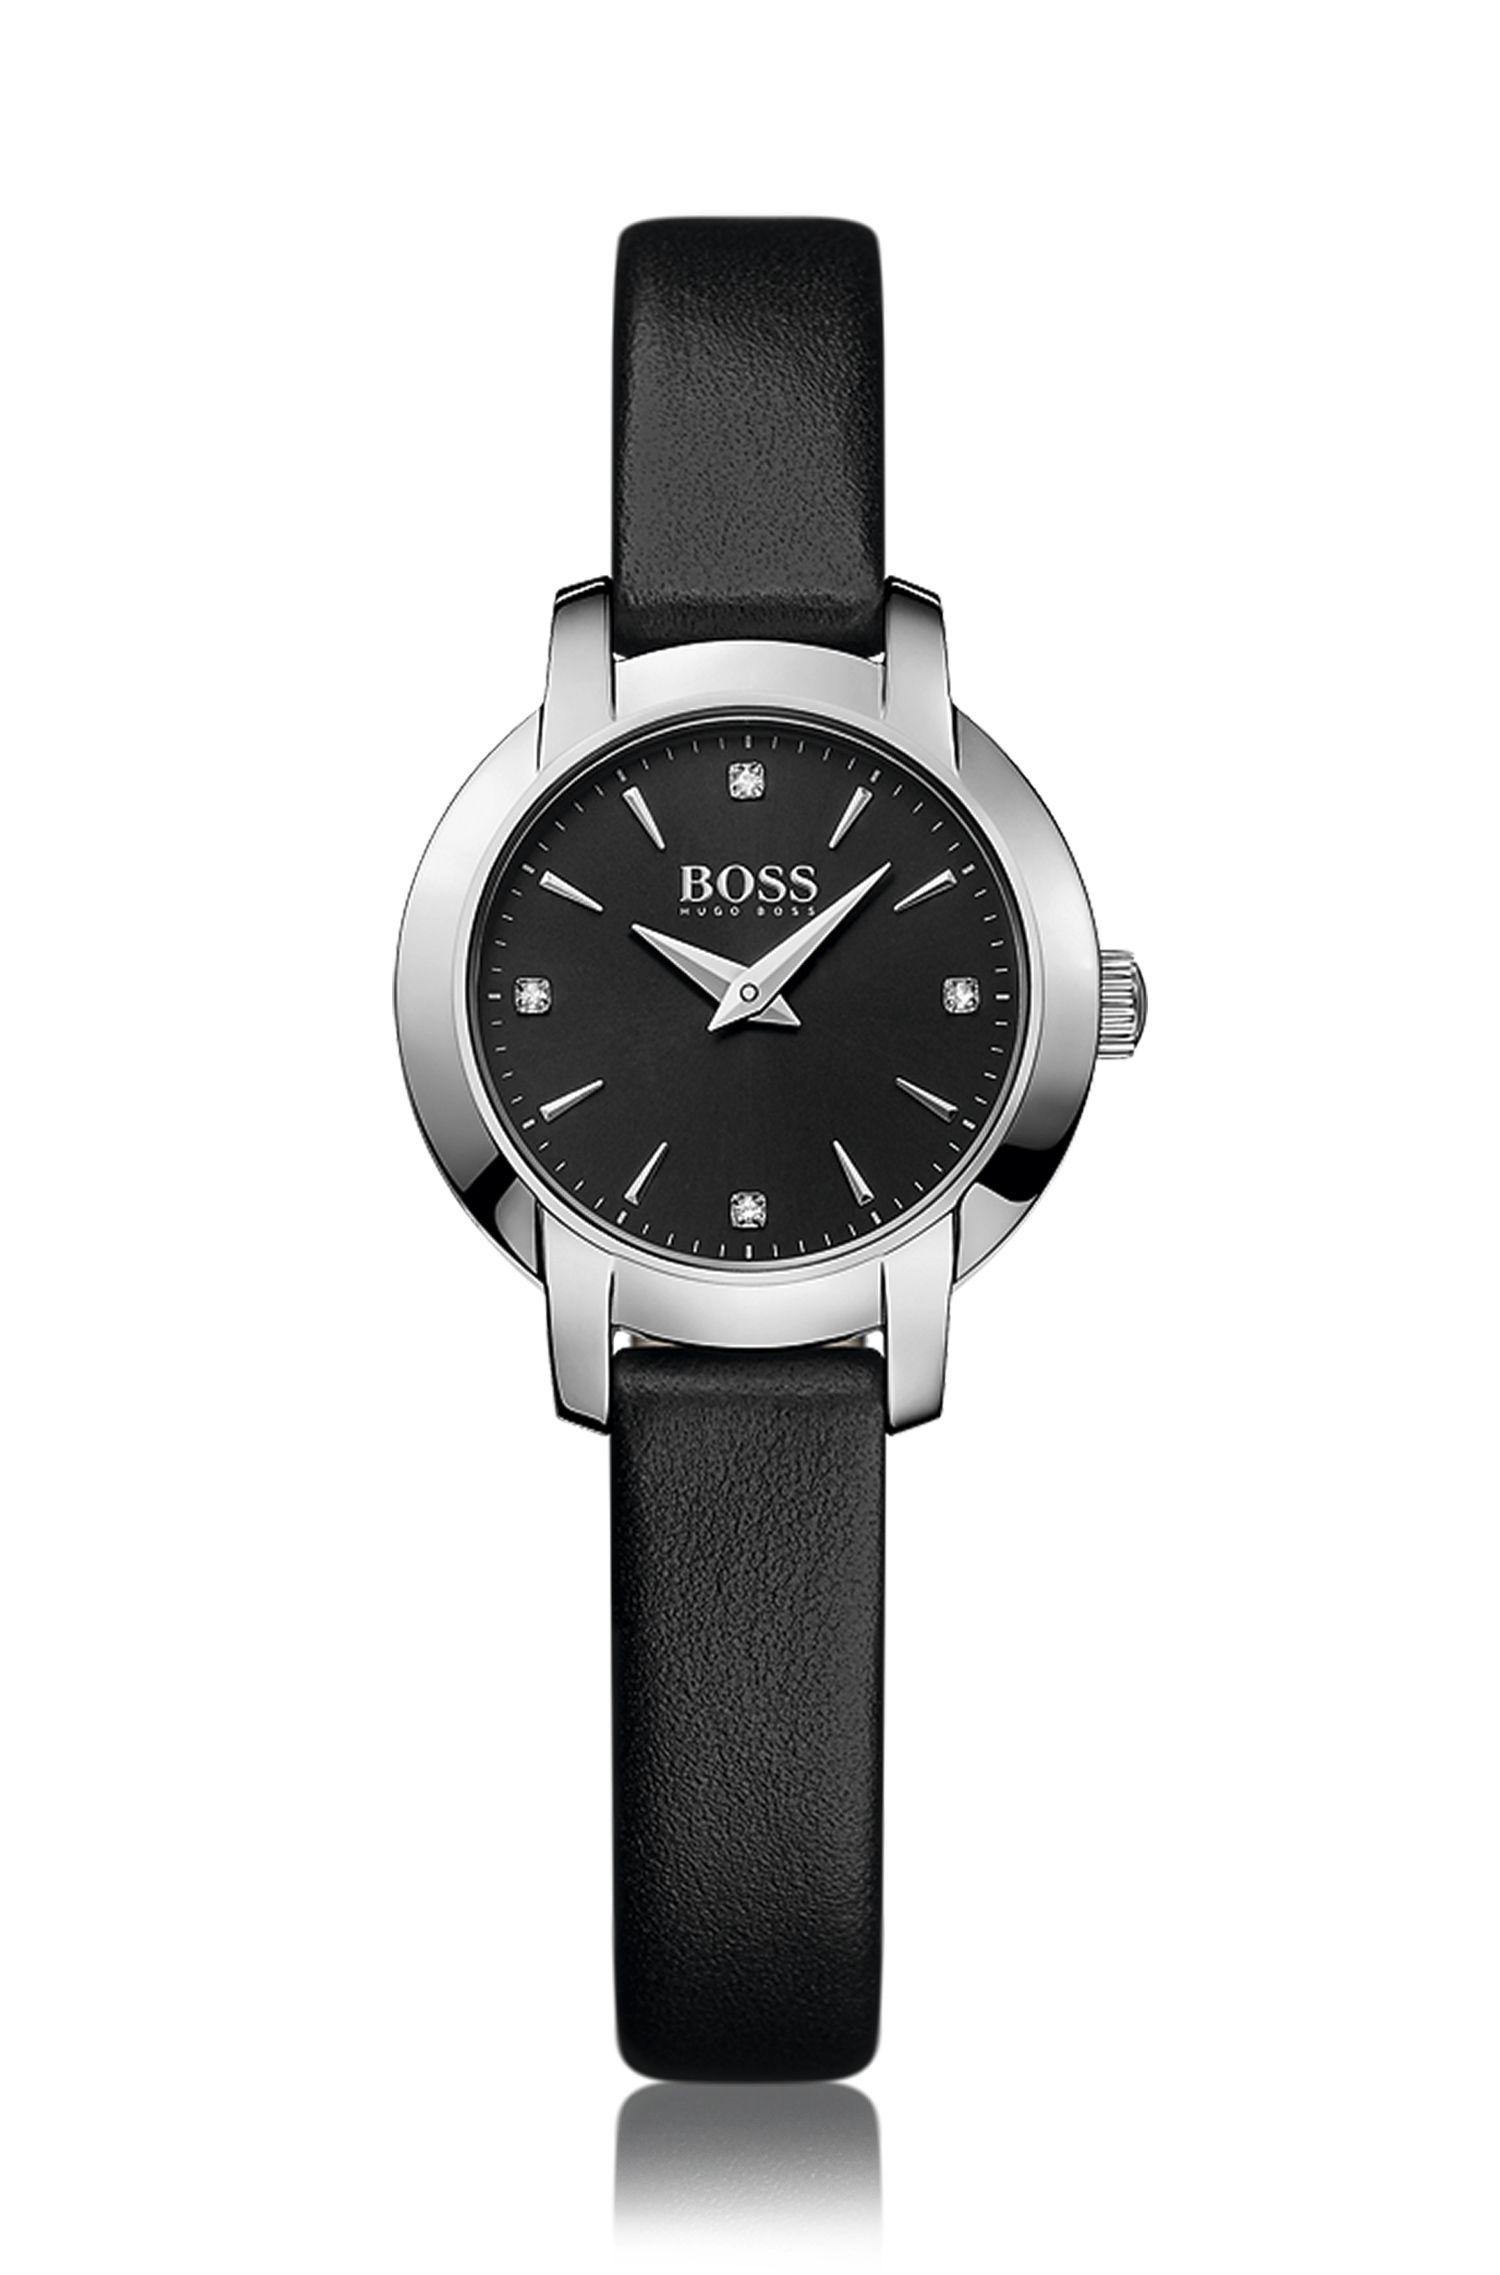 Montre en acier inoxydable à cadran noir soleillé et bracelet en cuir